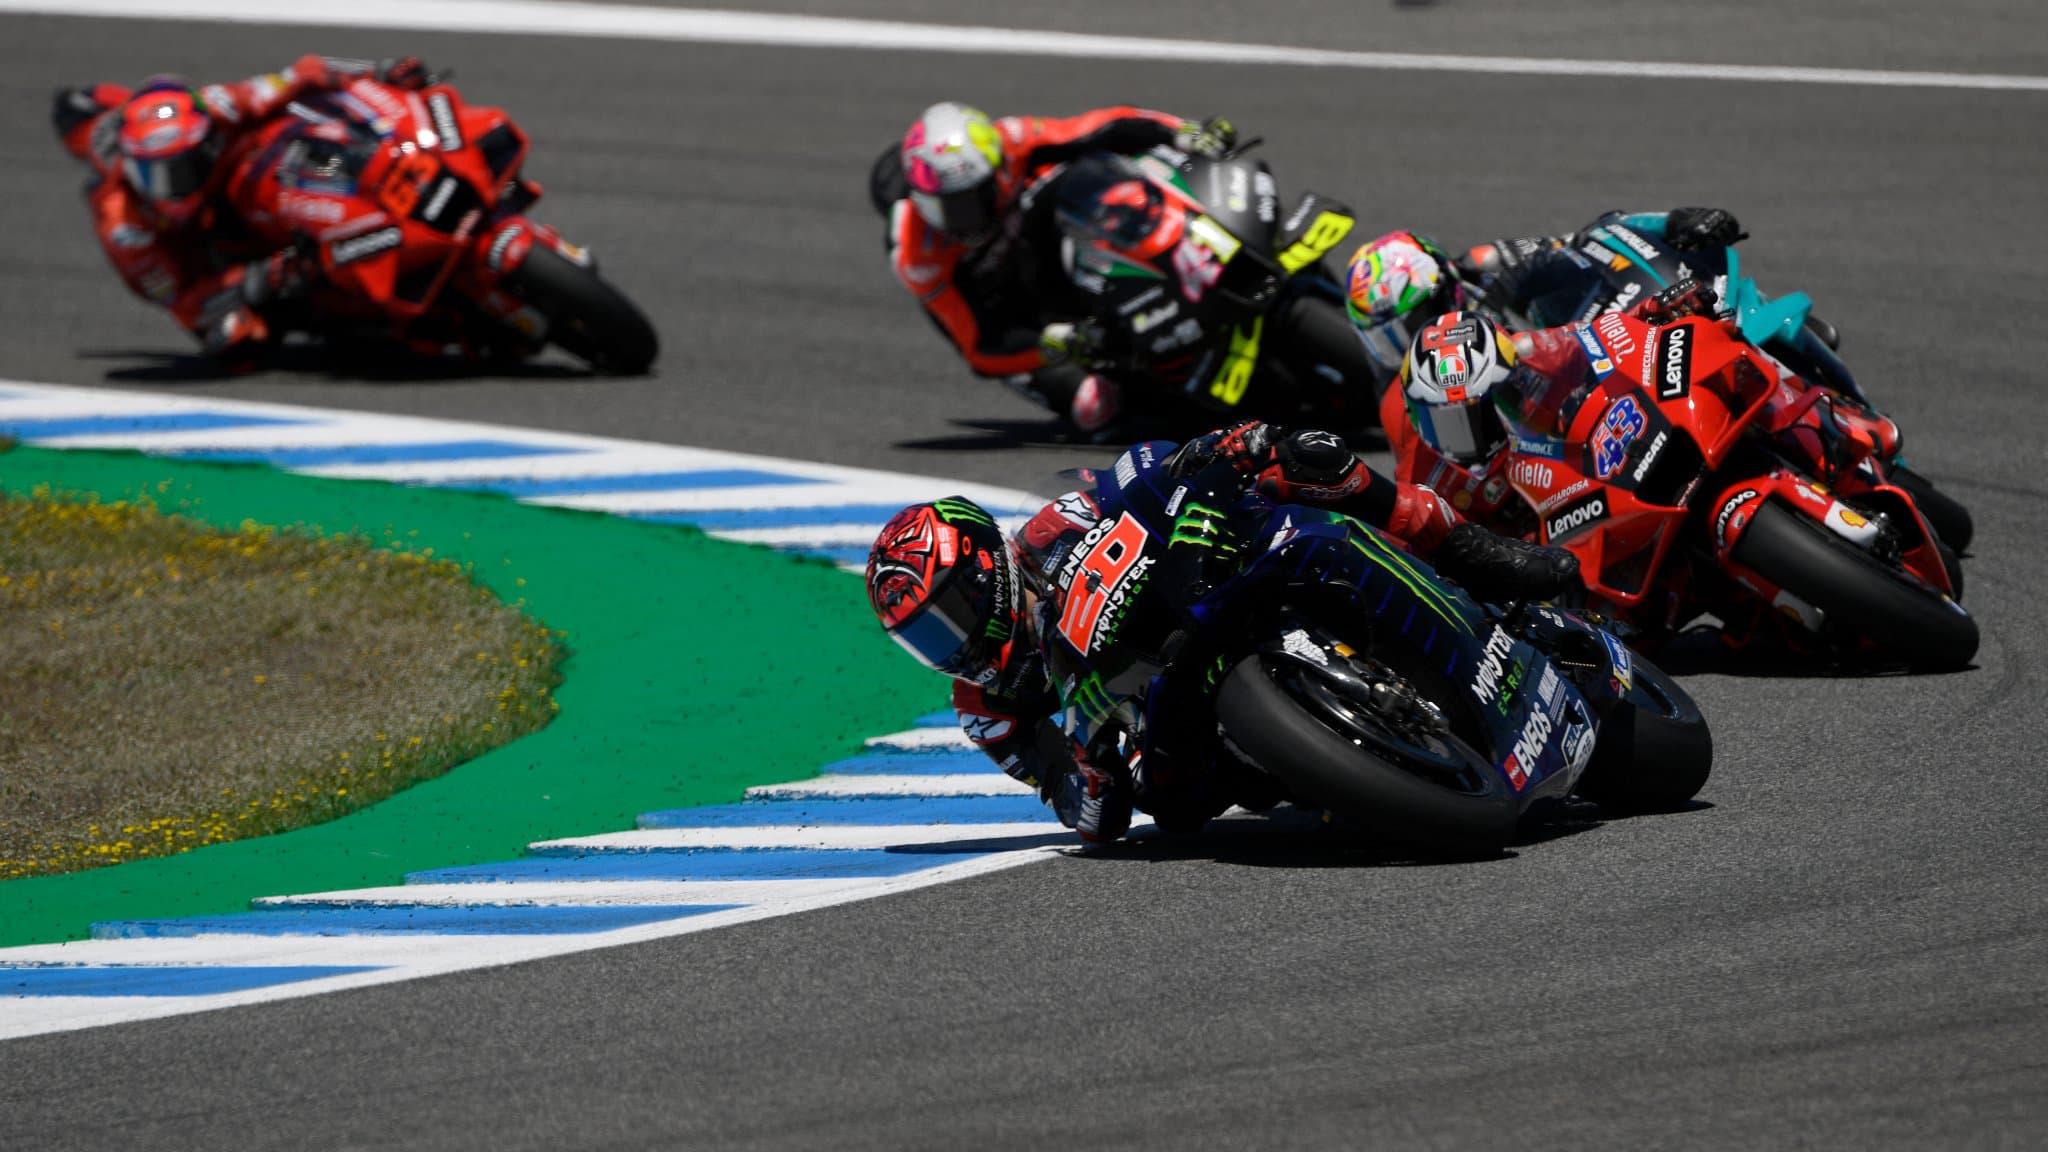 MotoGP, le GP de Catalogne en direct: Oliveira triomphe devant Zarco, Quartararo 4e et pénalisé